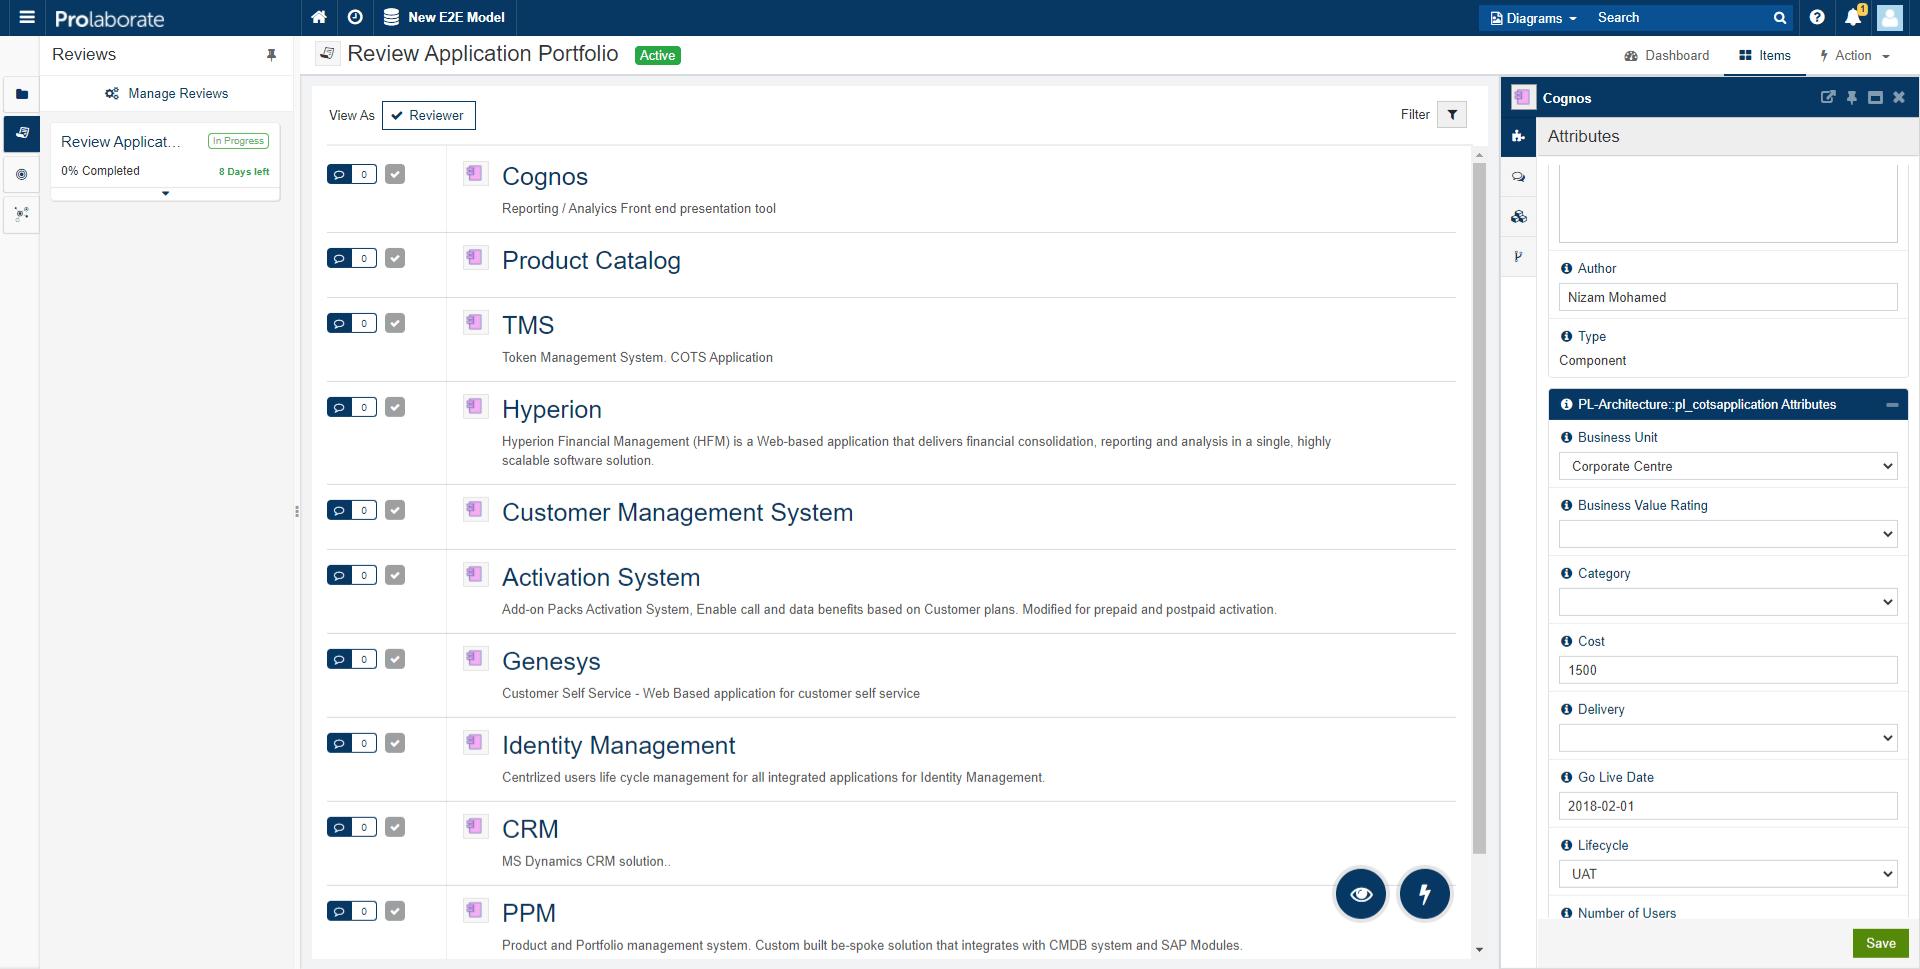 Review Application Portfolio